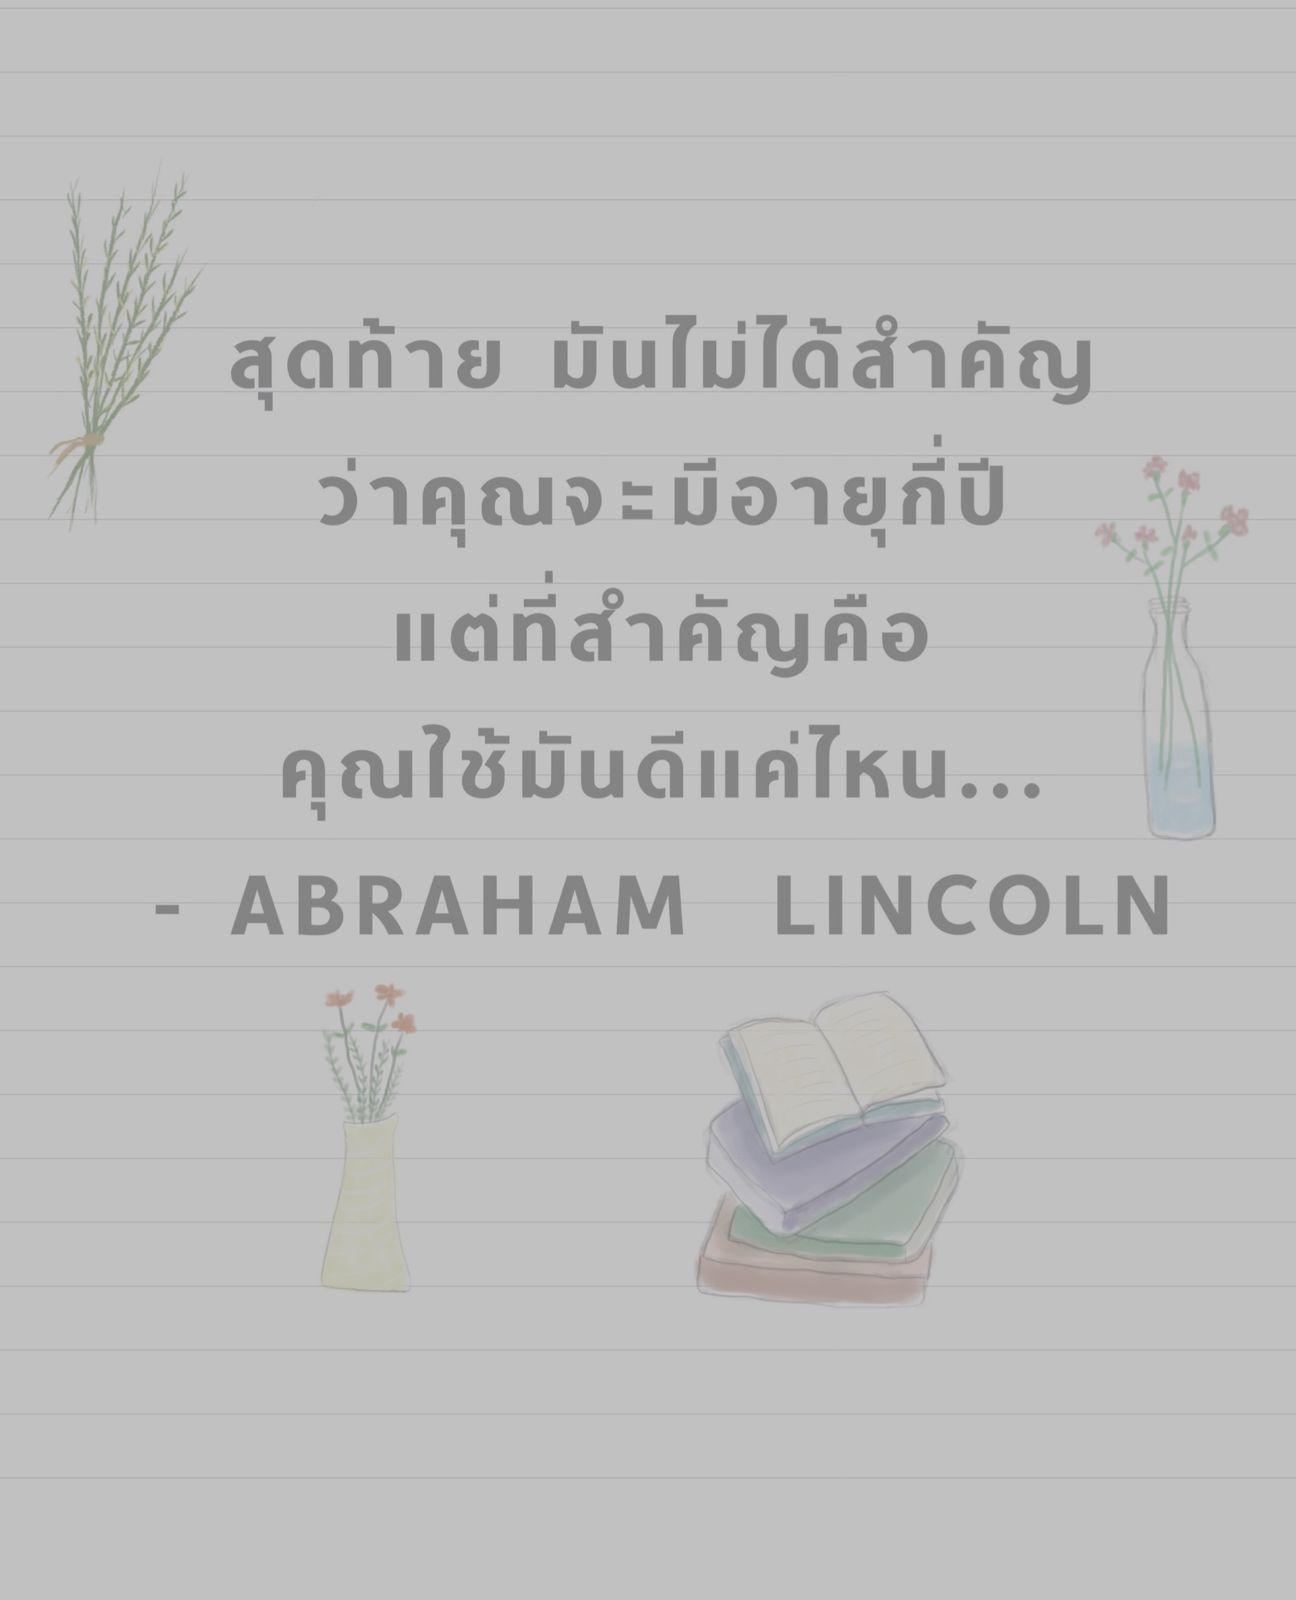 แนวคิดดีๆจาก ABRAHAM LINCOLN